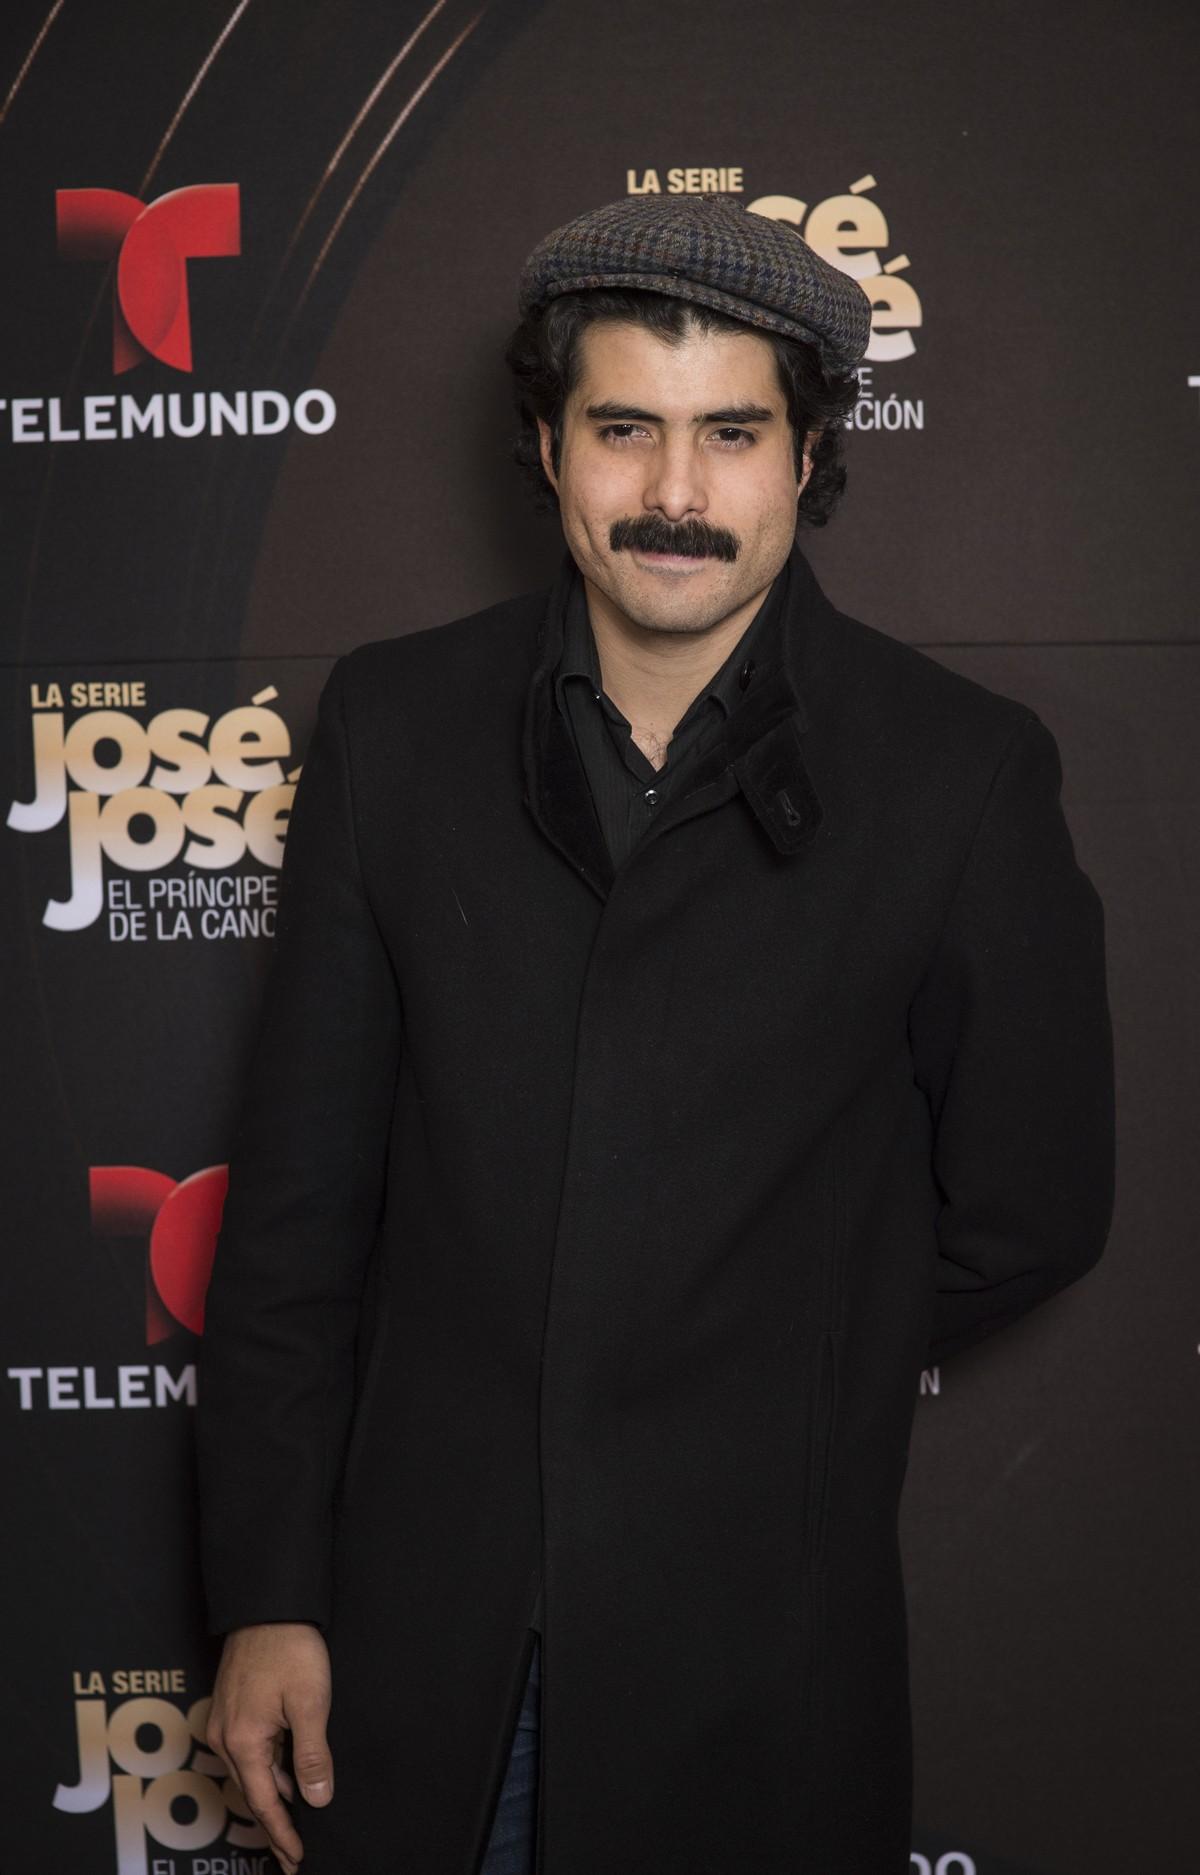 Fotos: Exhibición Premier Exclusiva para la Producción Original de Telemundo «José José, el Príncipe de la Canción»